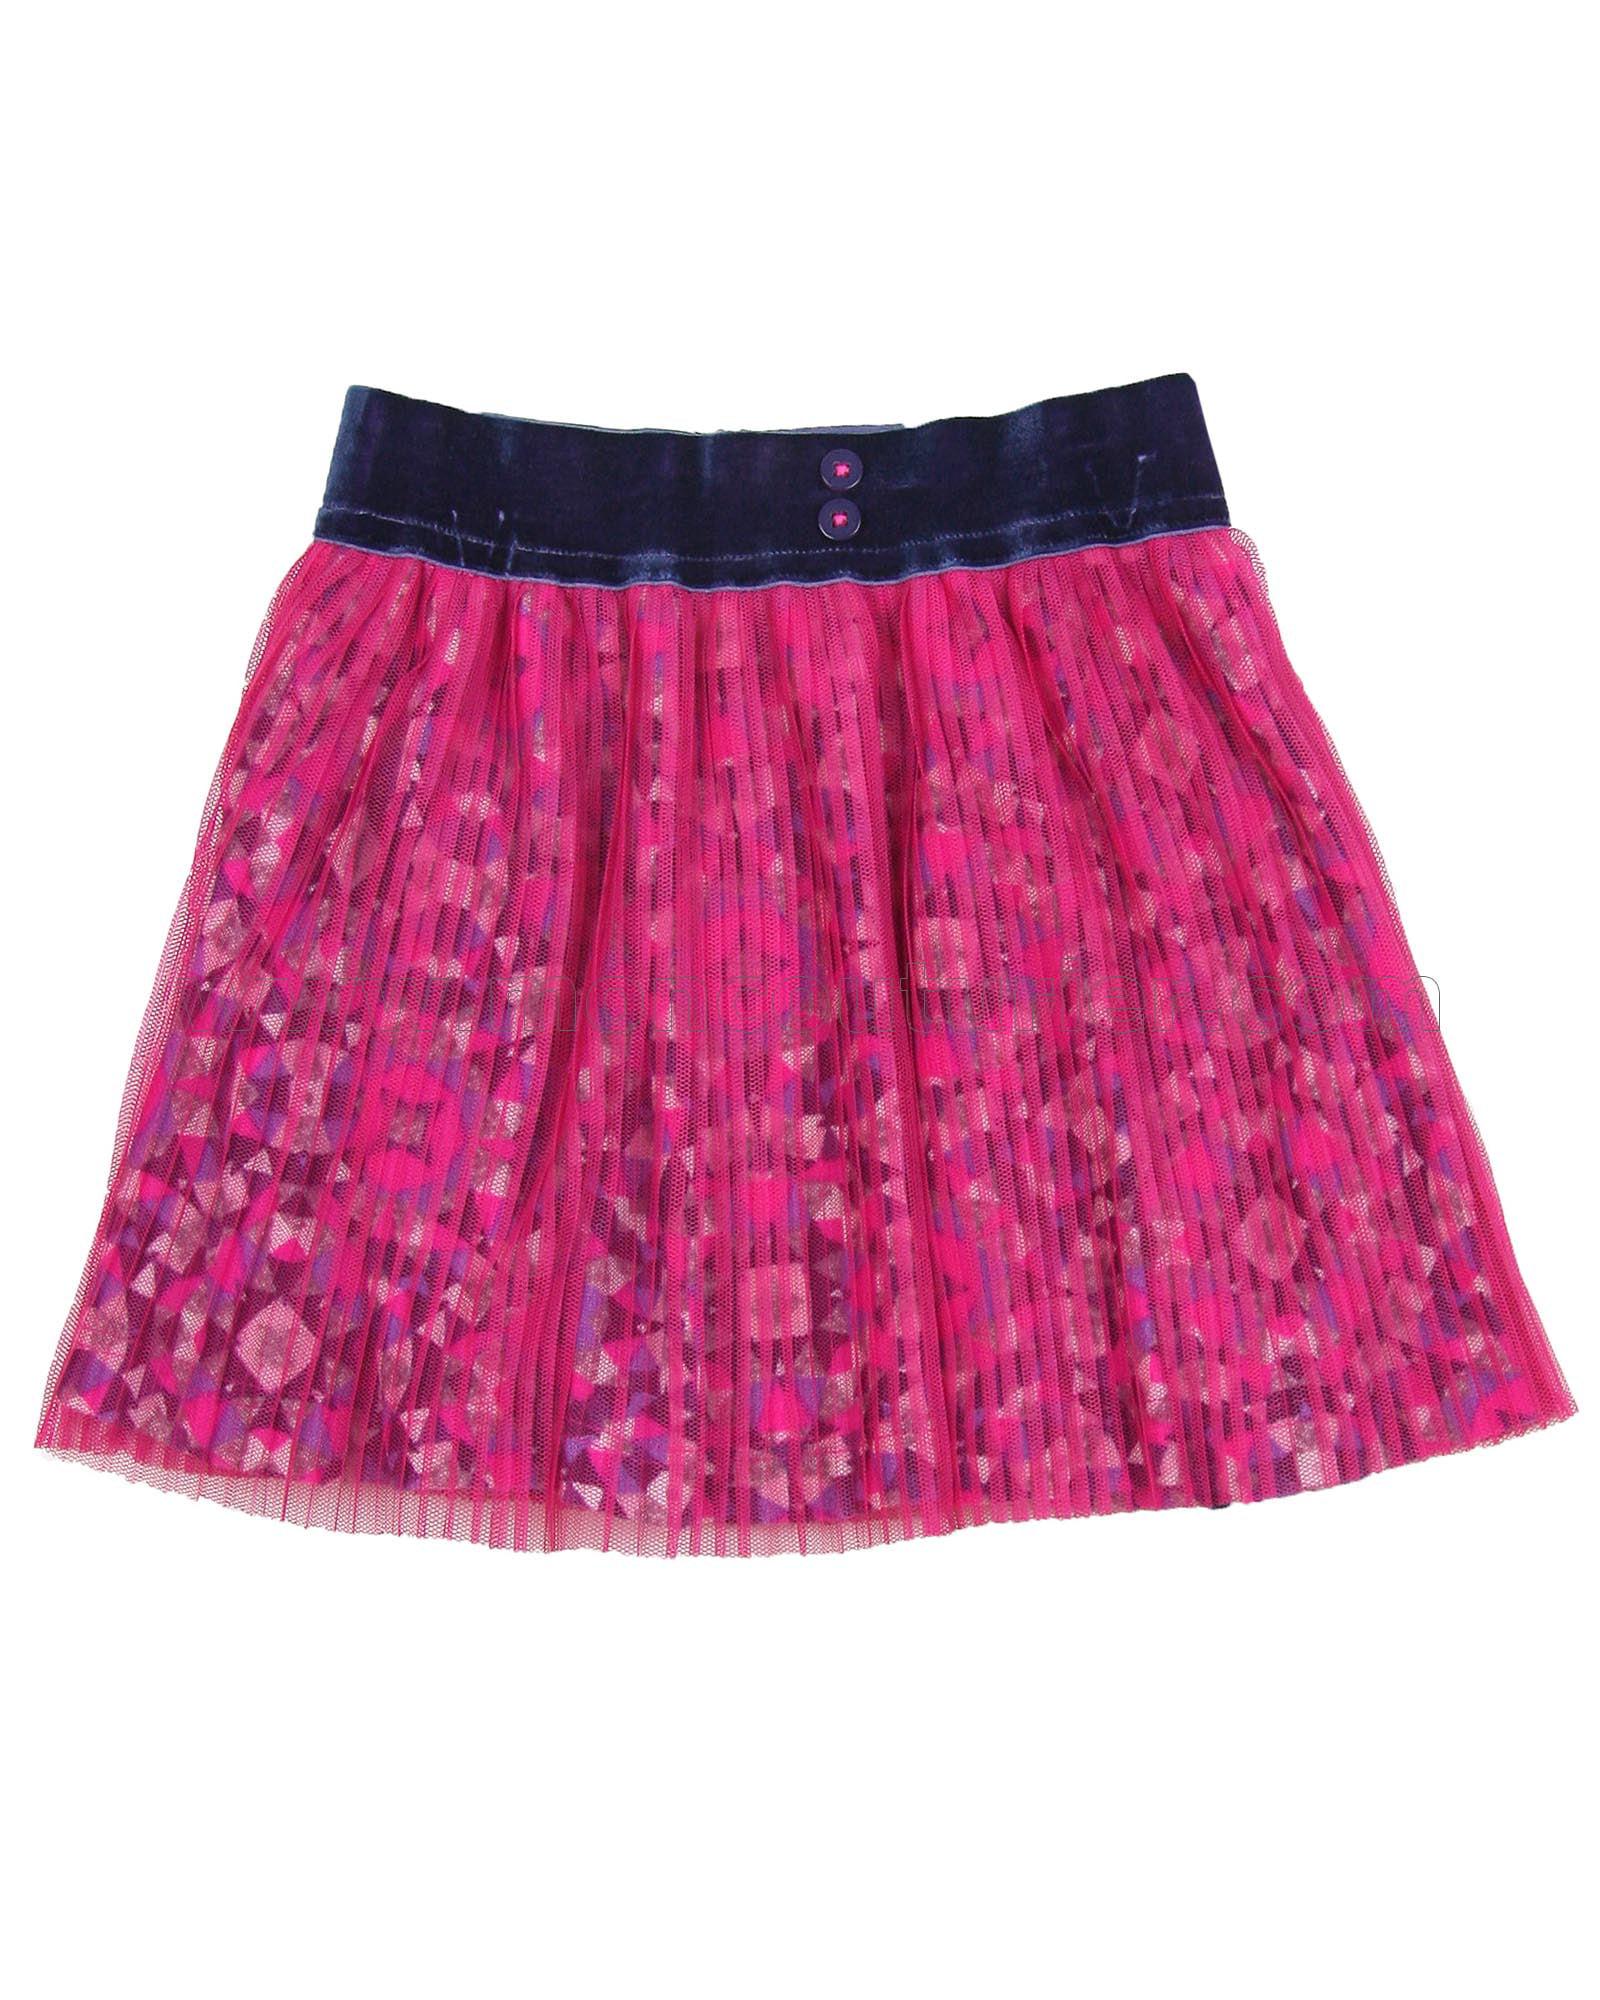 Sizes 18M-6 Deux par Deux Girls Skirt Feathery Friend